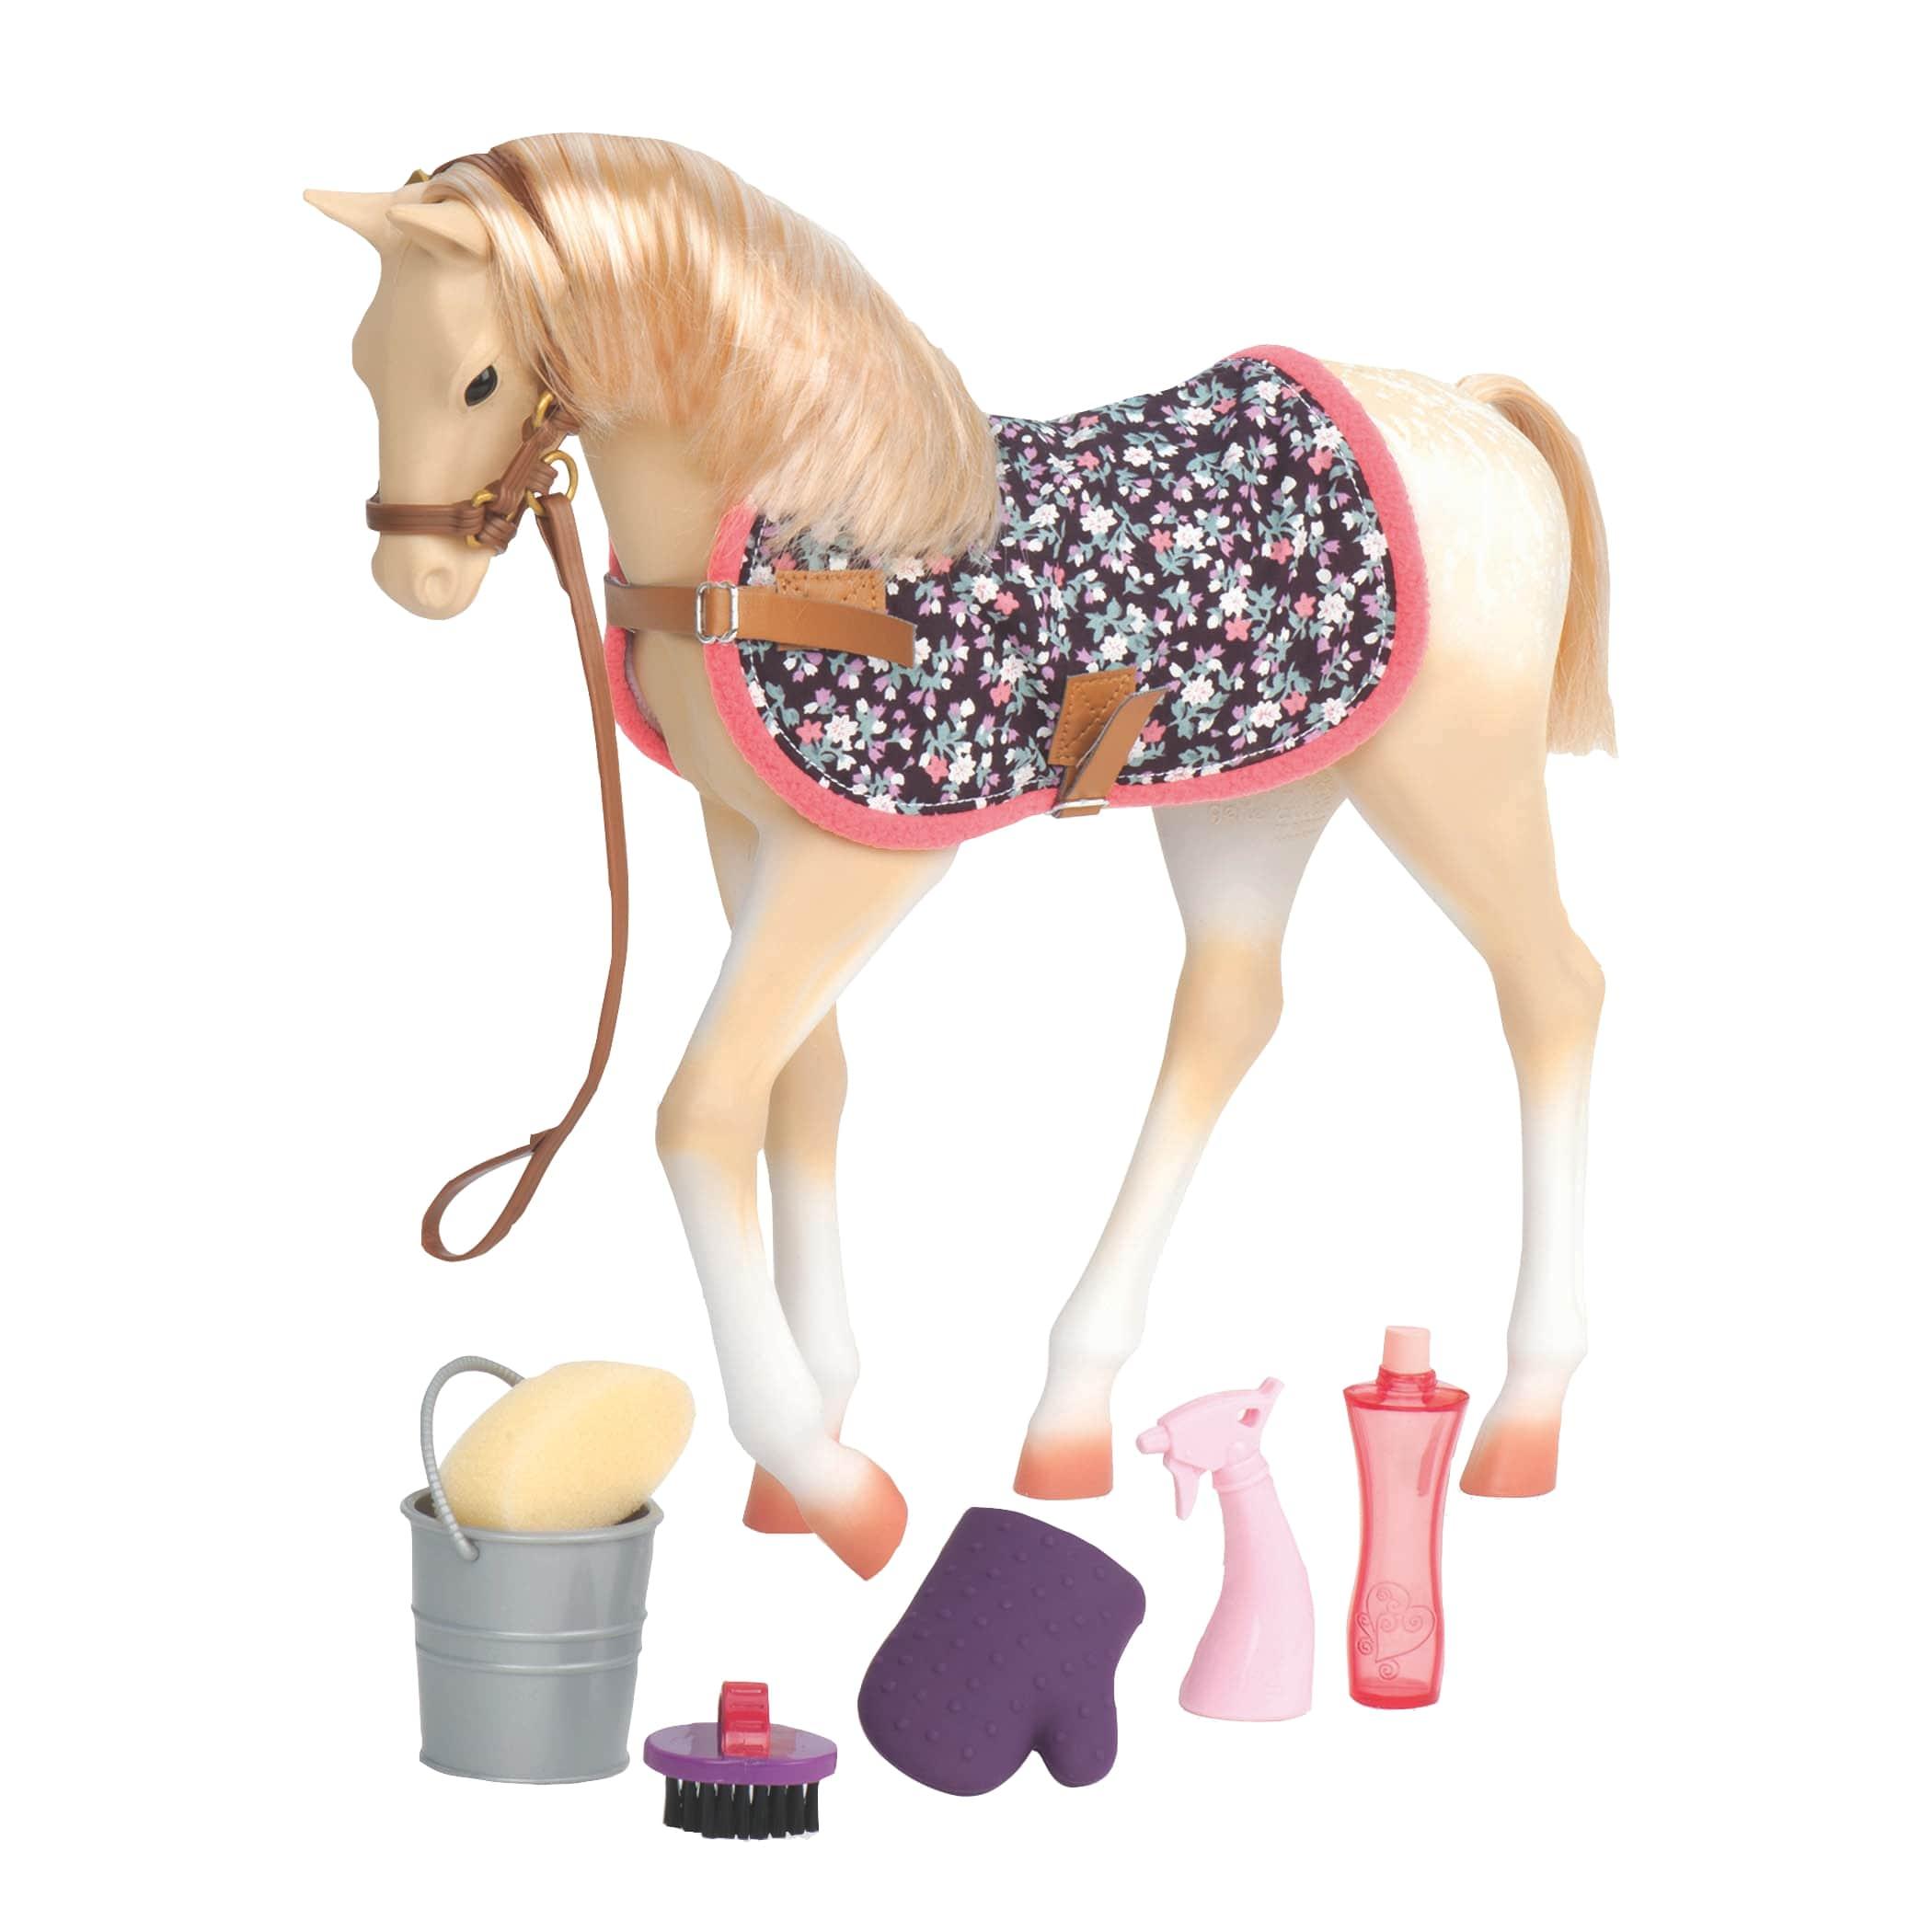 Our Generation Ігрова фігура - Кінь Скарлет із аксесуарами 26 см